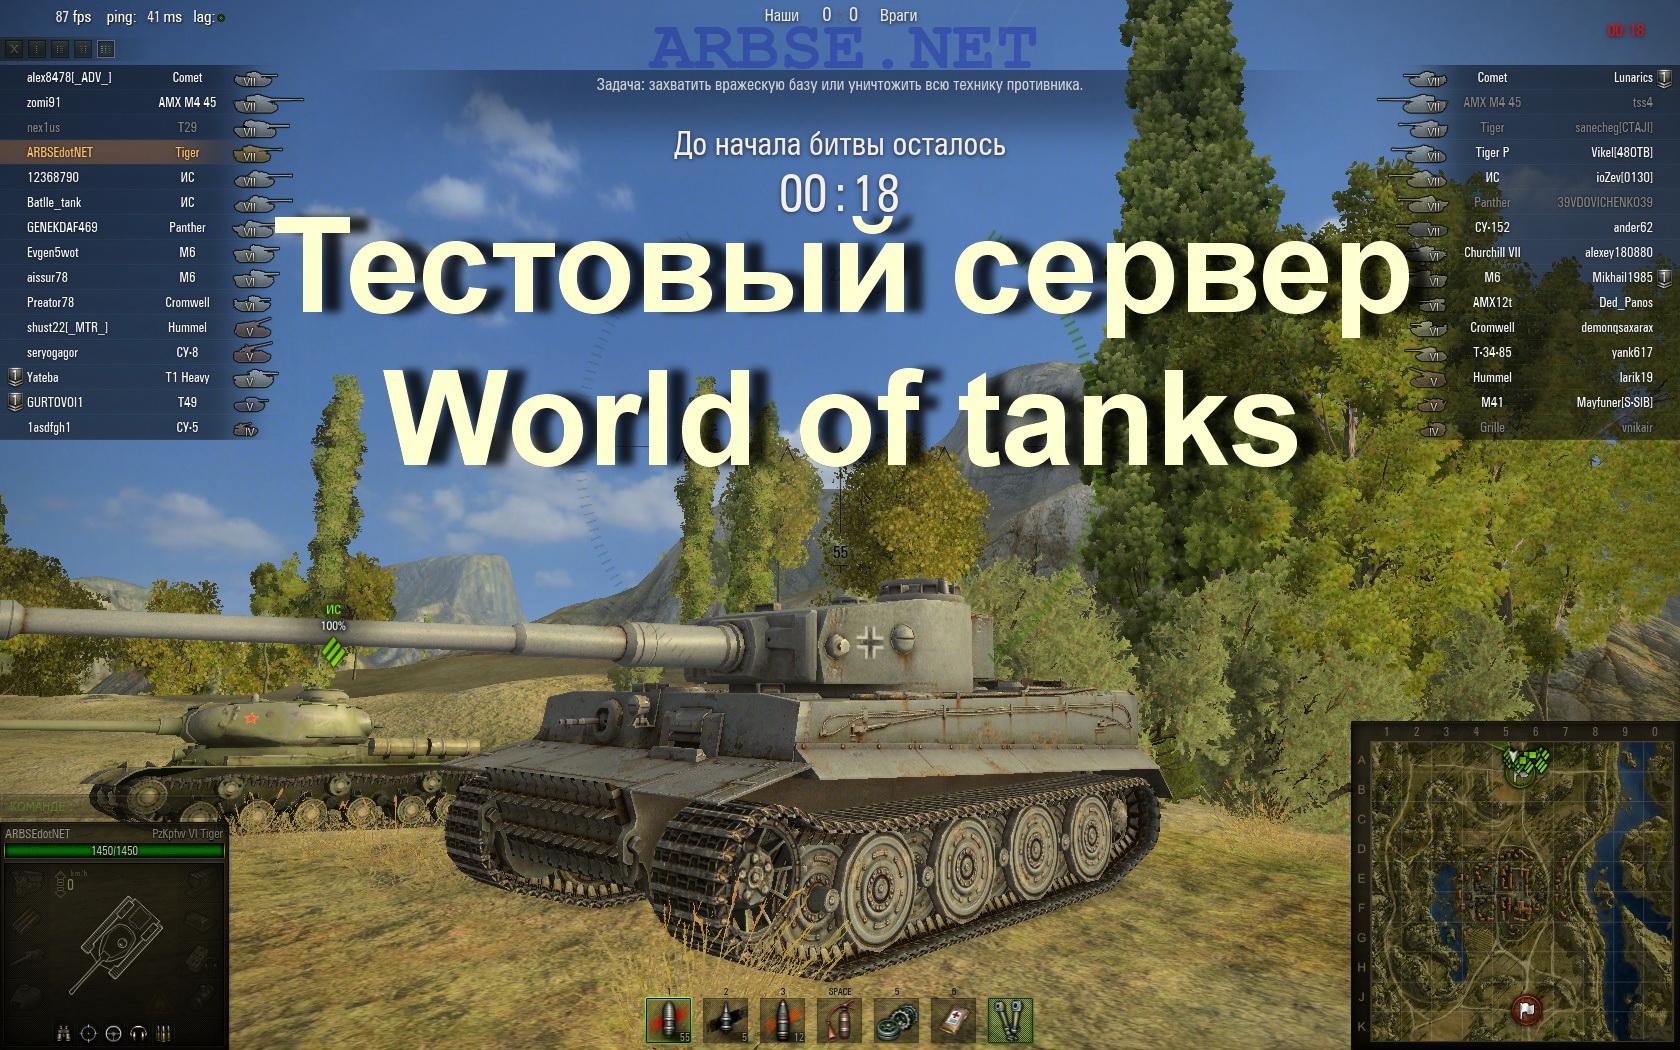 Тестовый сервер world of tanks играть скачать